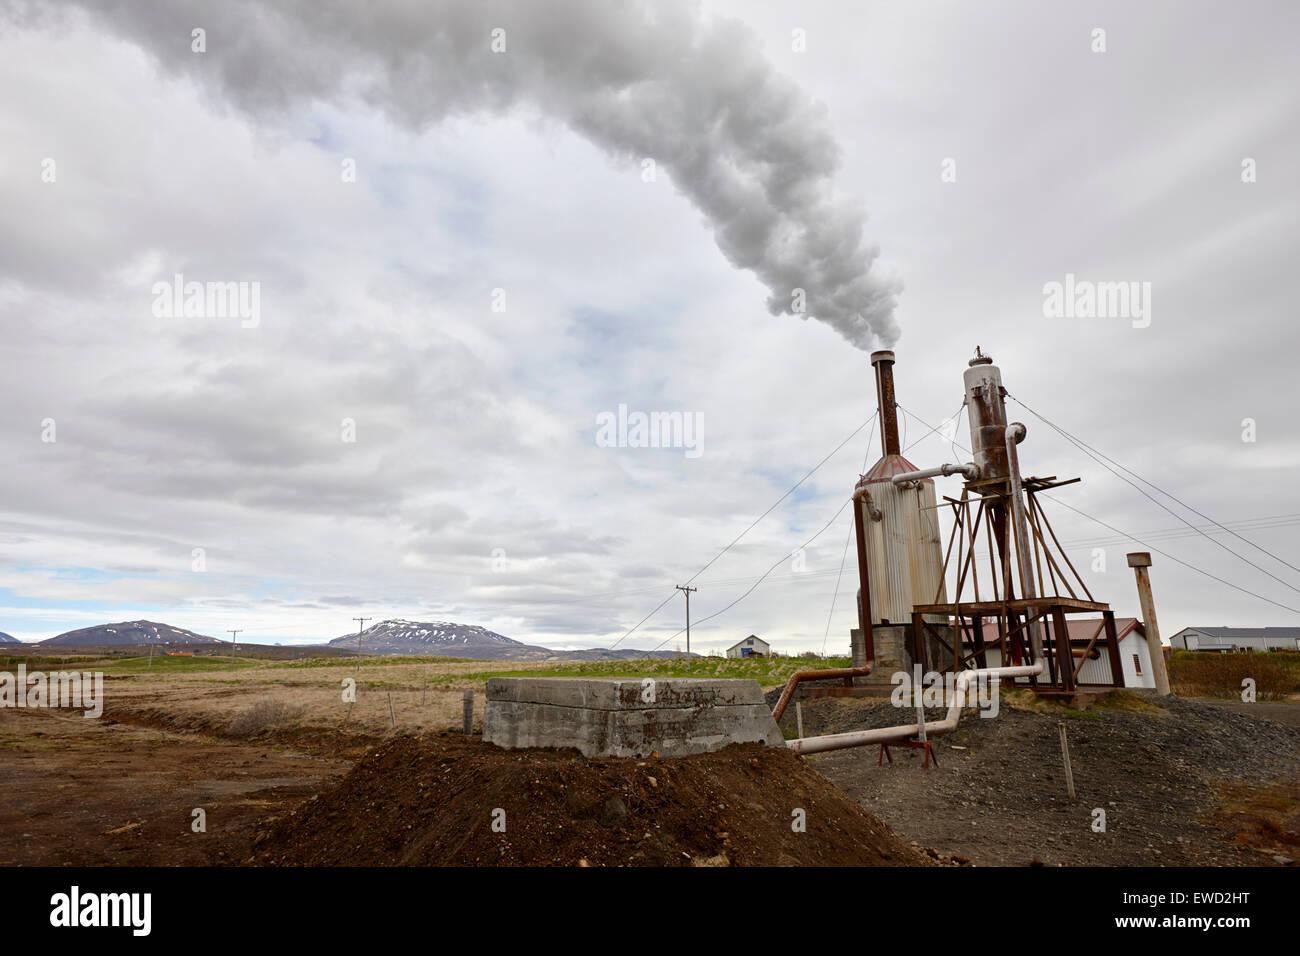 Pequeña comunidad rural energía geotérmica planta sur de Islandia Imagen De Stock